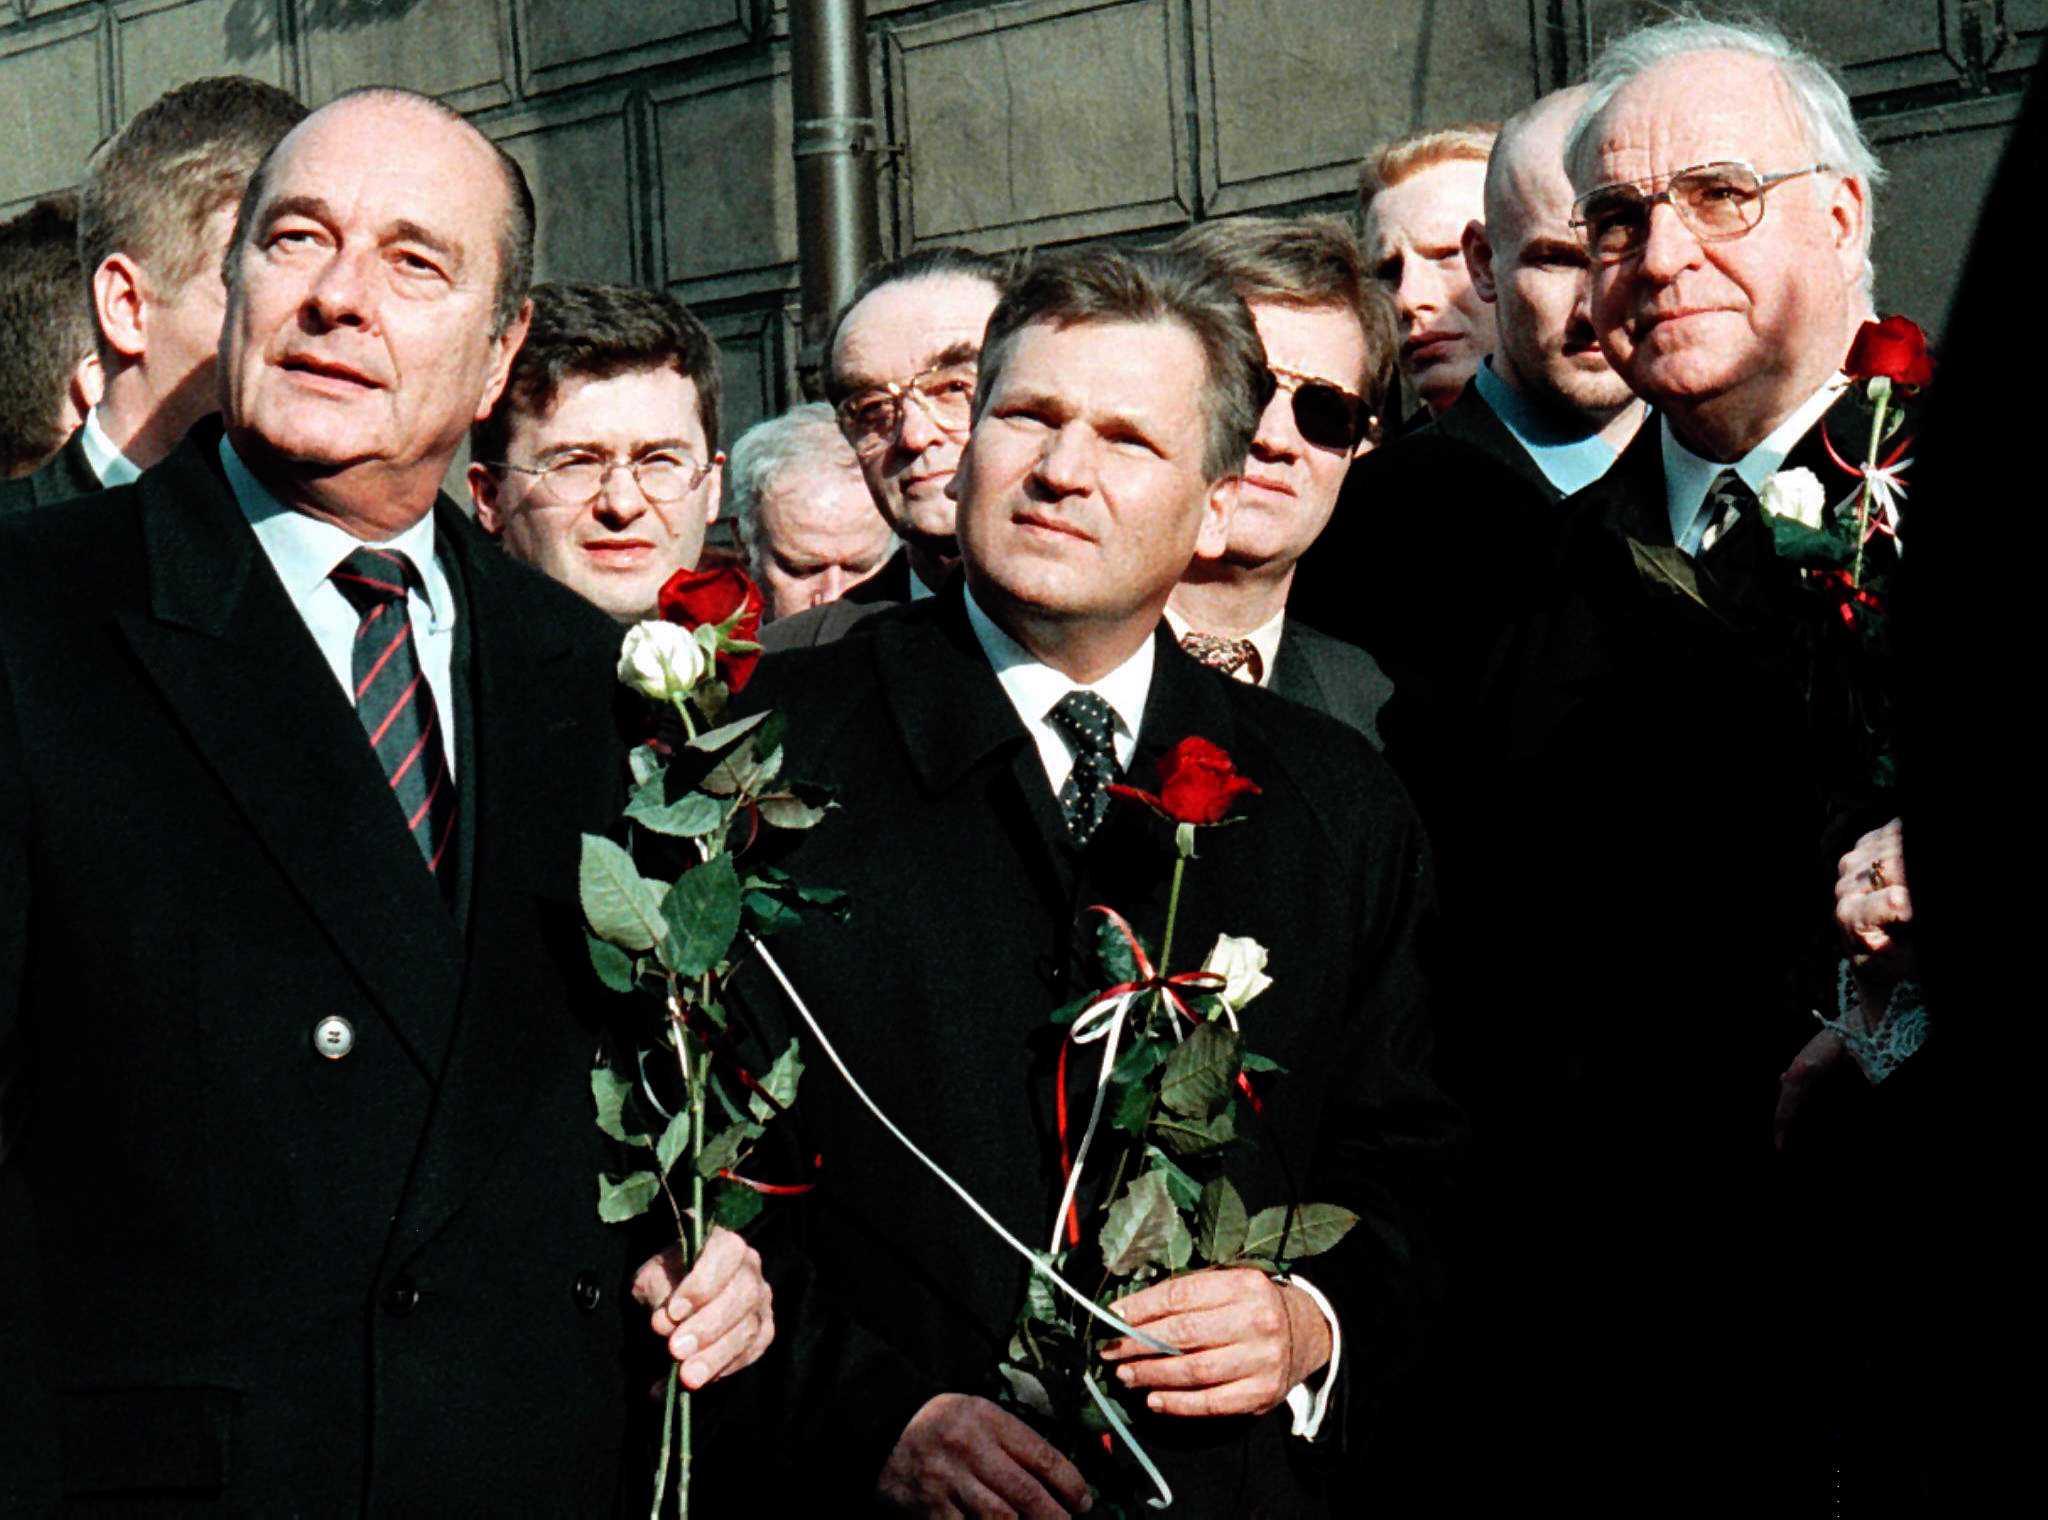 O Presidente francês Jacques Chirac com o Presidente polaco Aleksander Kwasniewski e o chanceler alemão Helmut Kohl após a cerimónia oficial de boas-vindas na Praça do Mercado em Poznan, Polónia